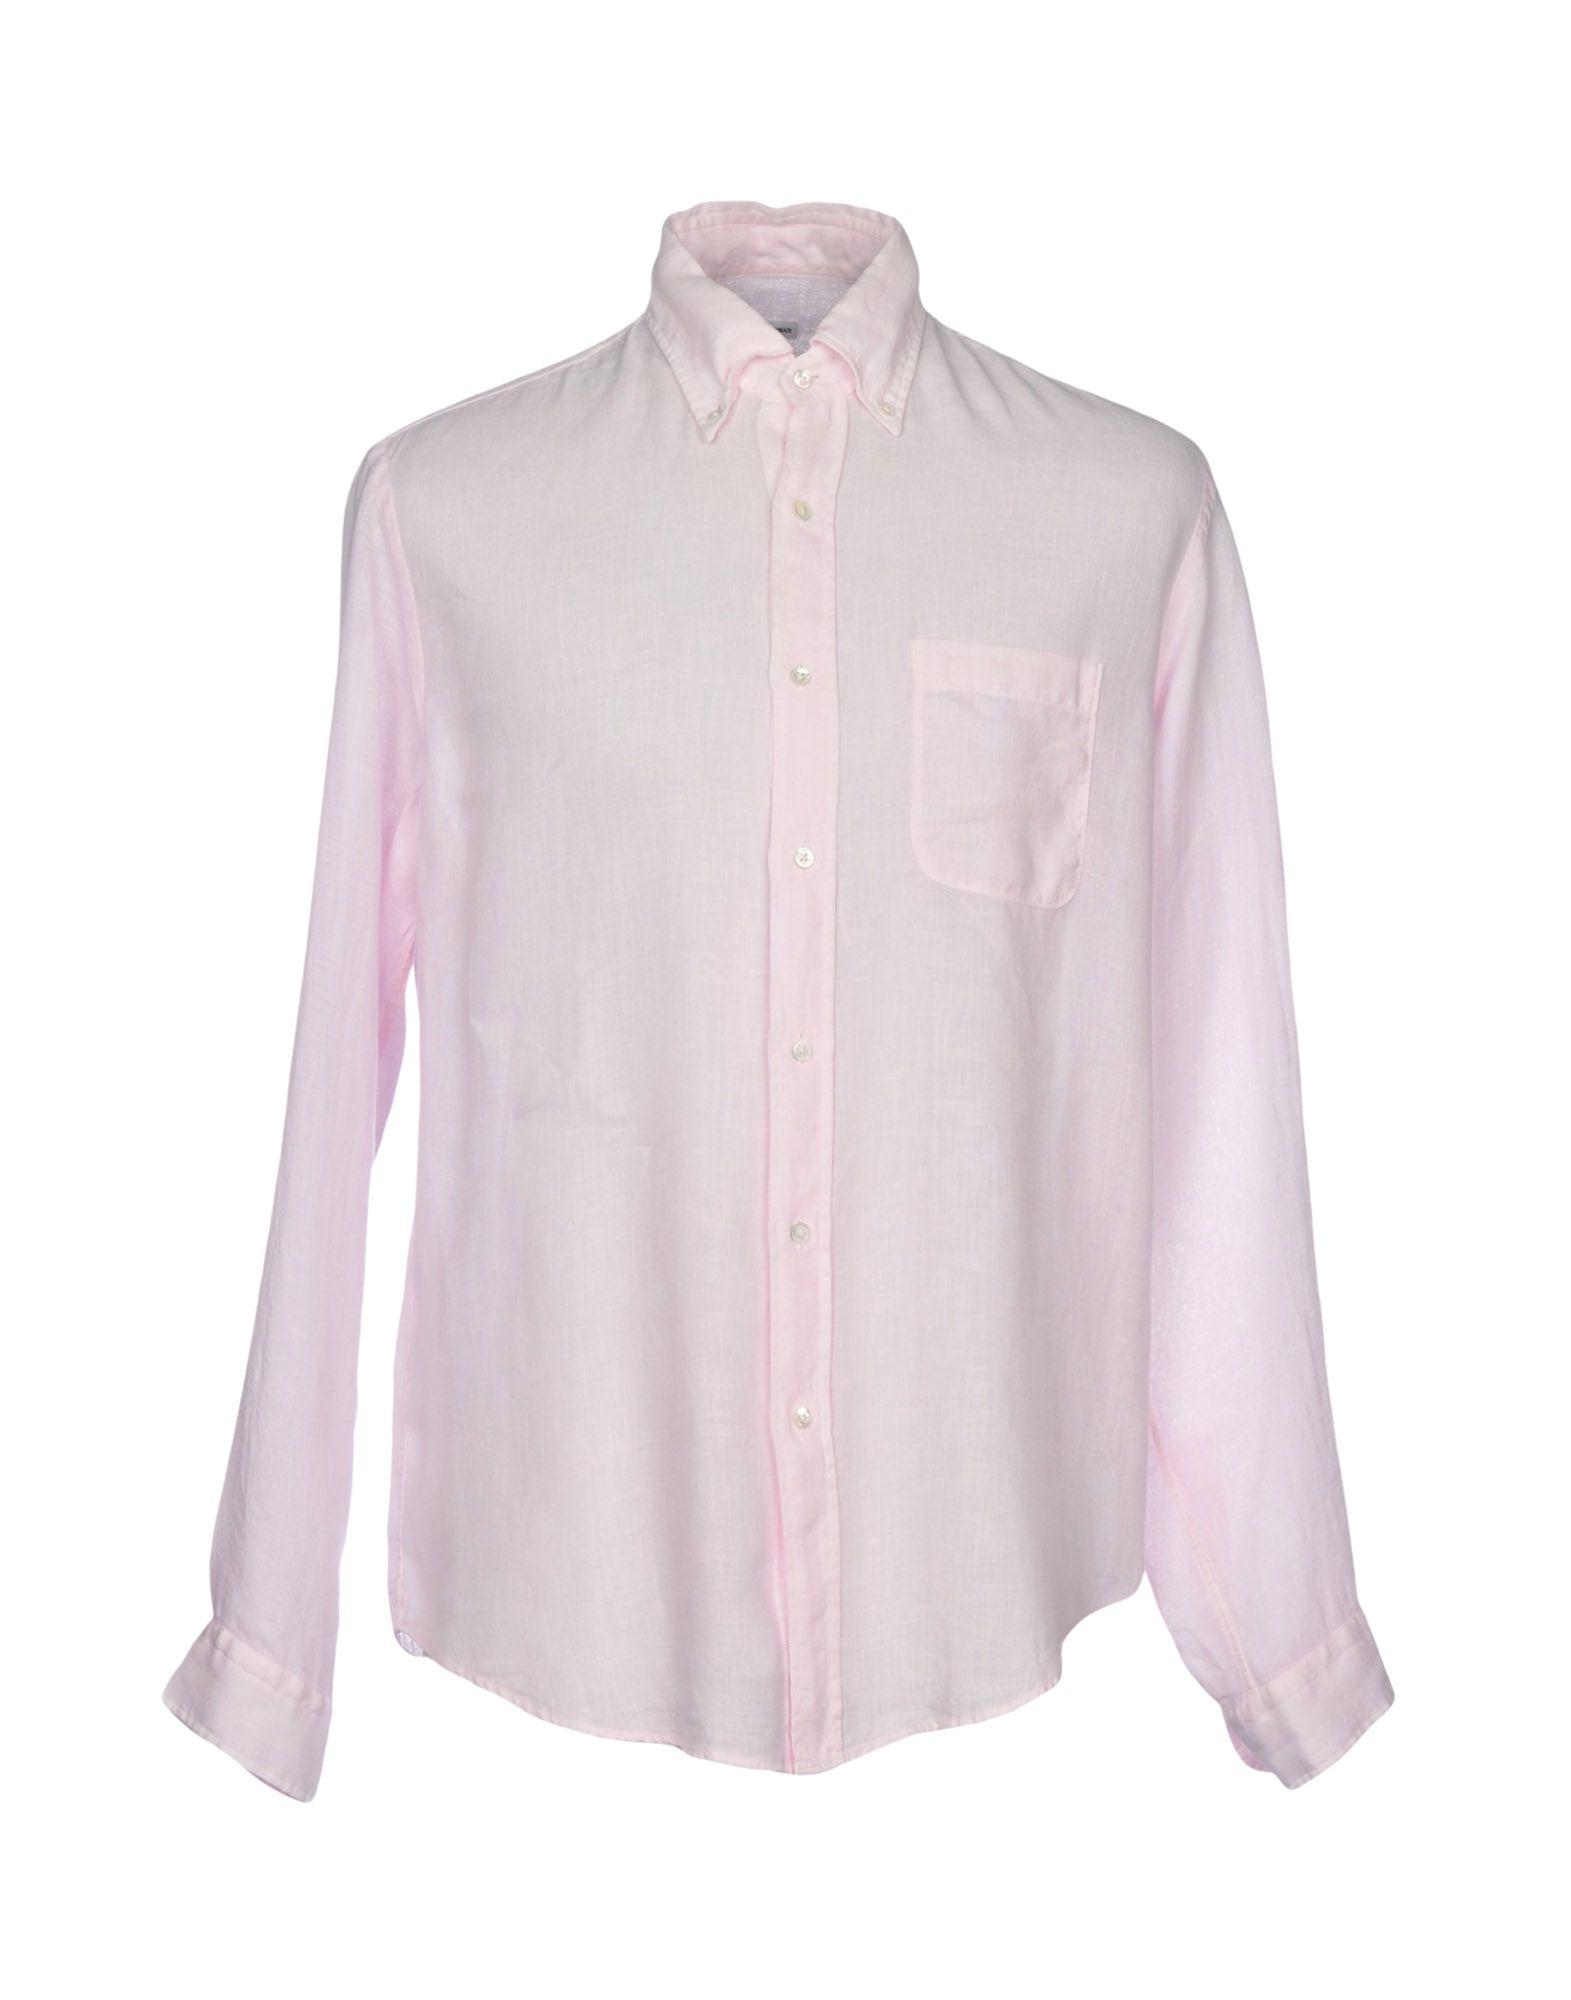 ROBERT FRIEDMAN Linen Shirt in Pink